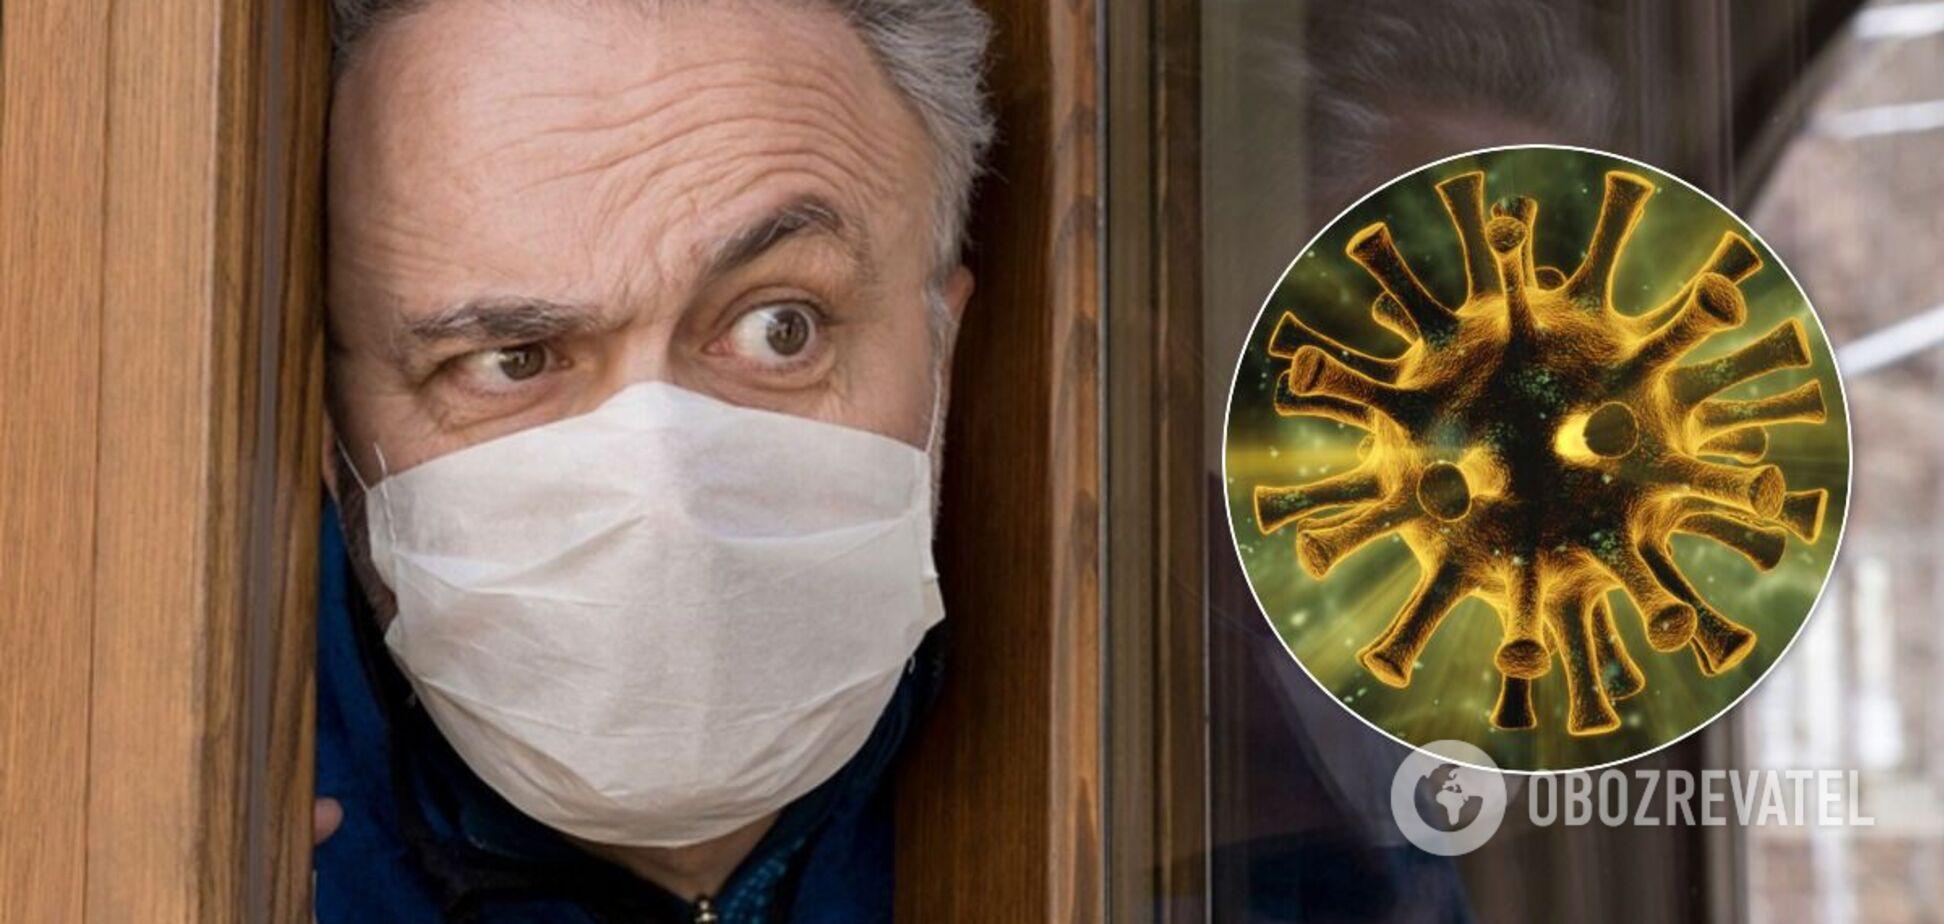 Лікар пояснив, у кого ризик померти від коронавірусу найвищий